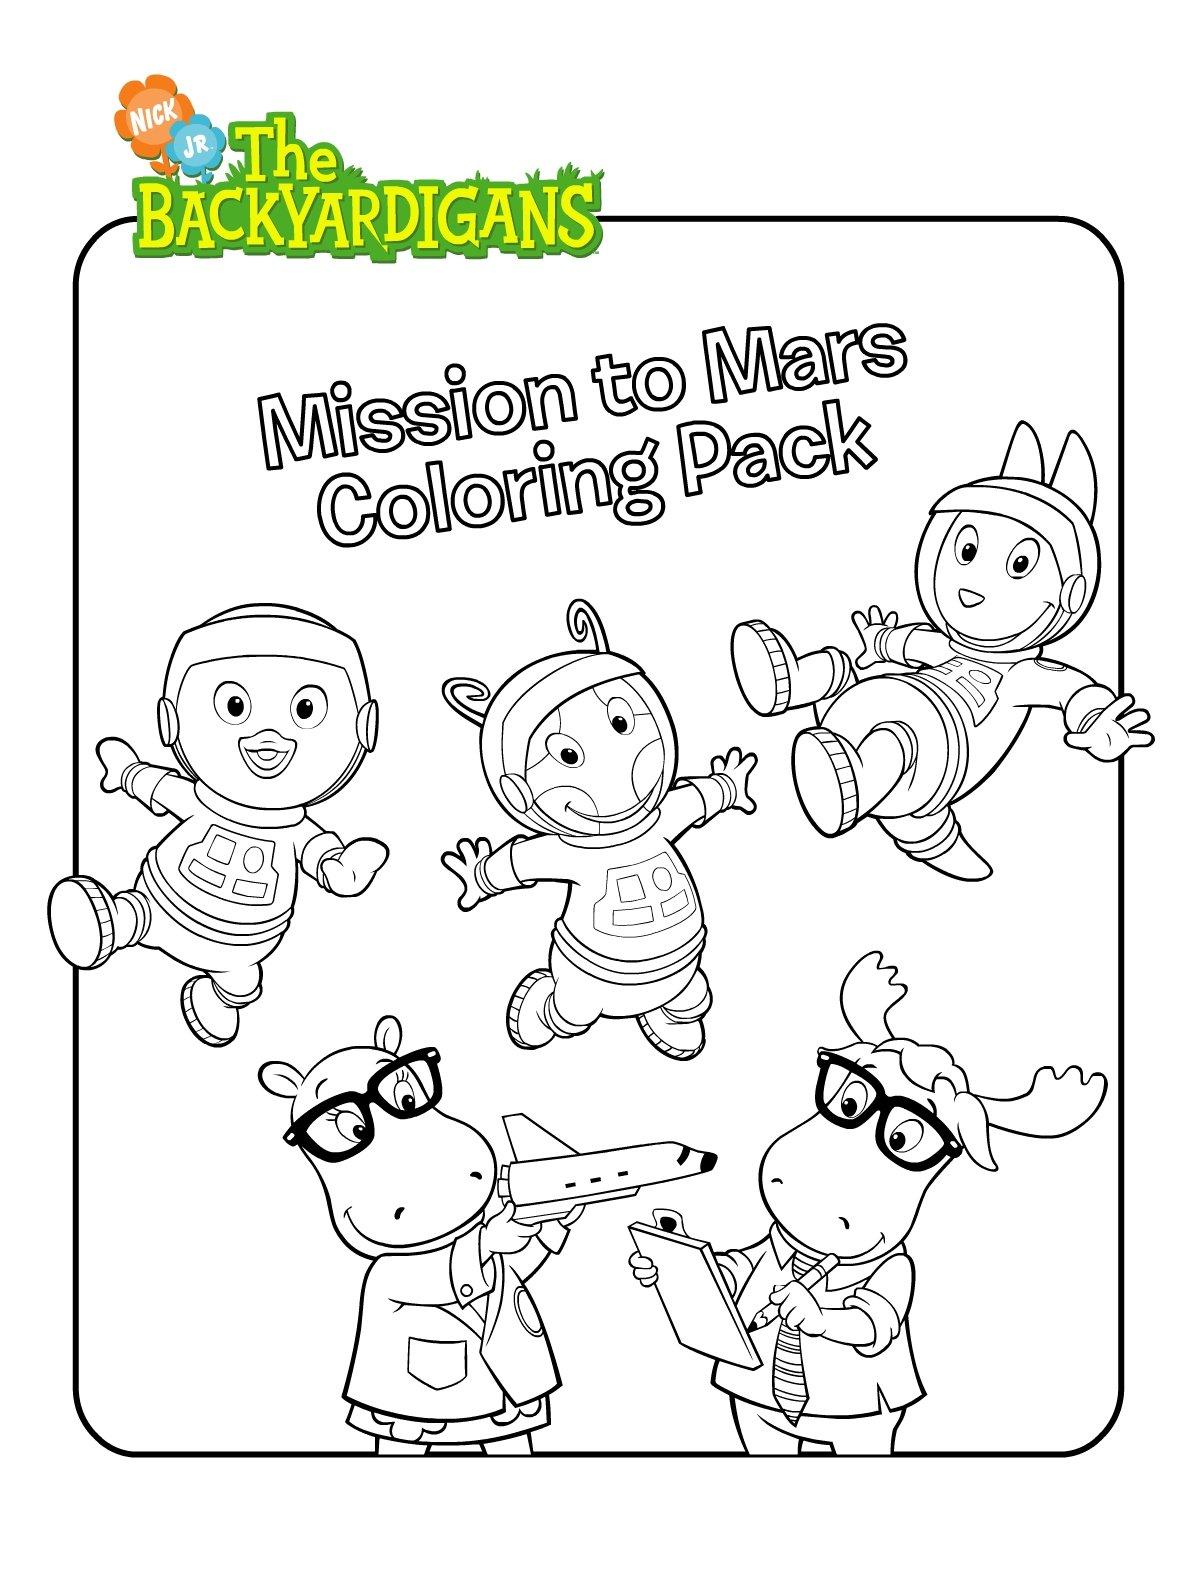 Backyardigans Para Colorir, Jogos De Pintar Os Backyardigans